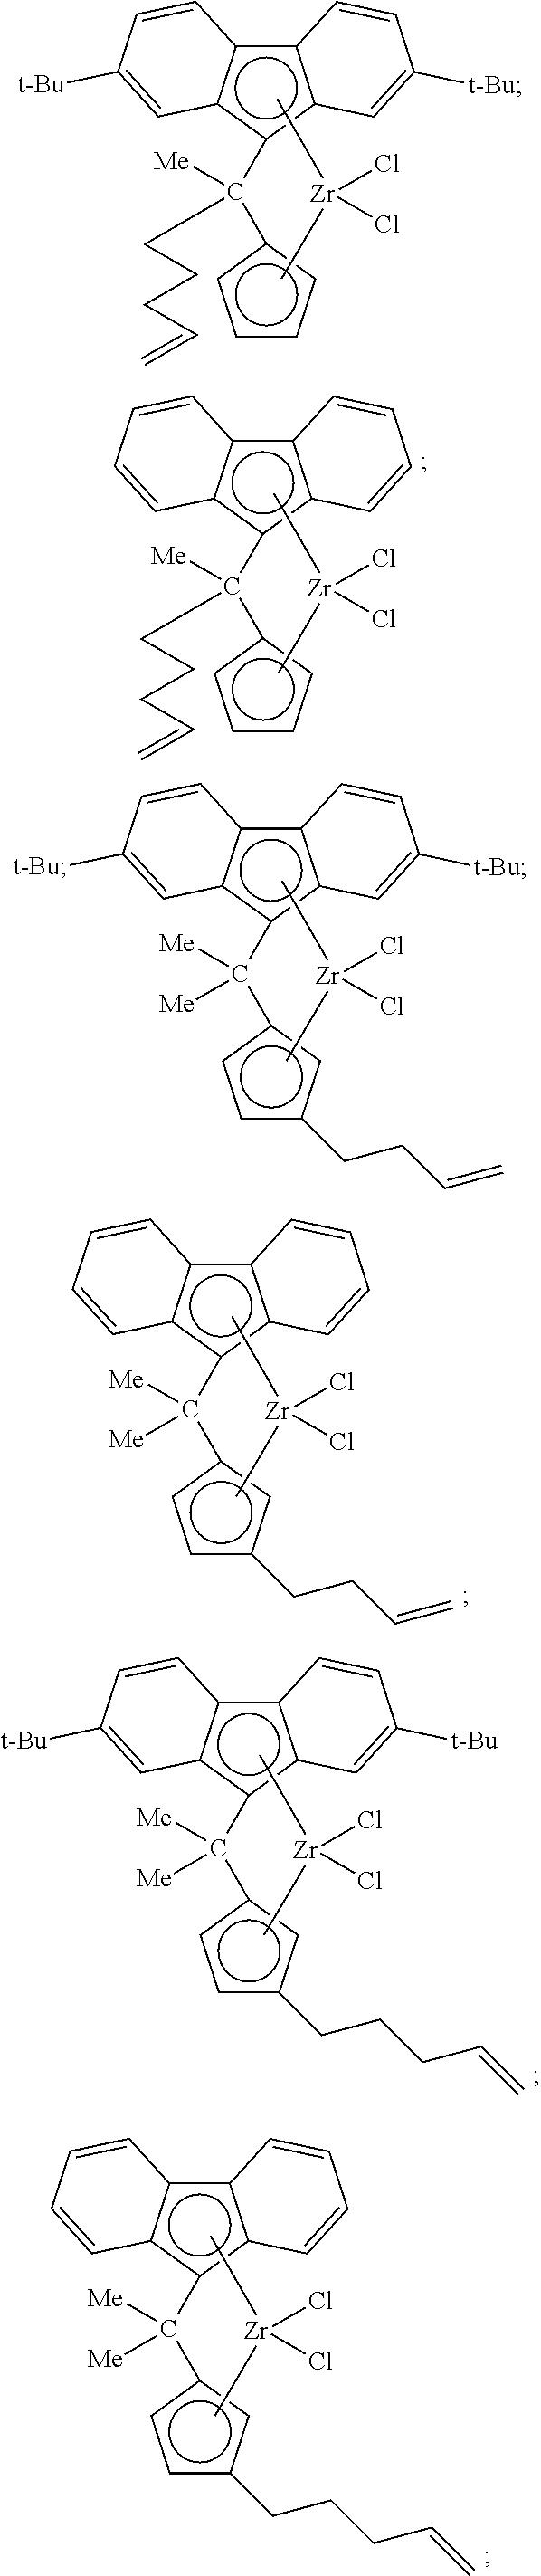 Figure US08450436-20130528-C00011